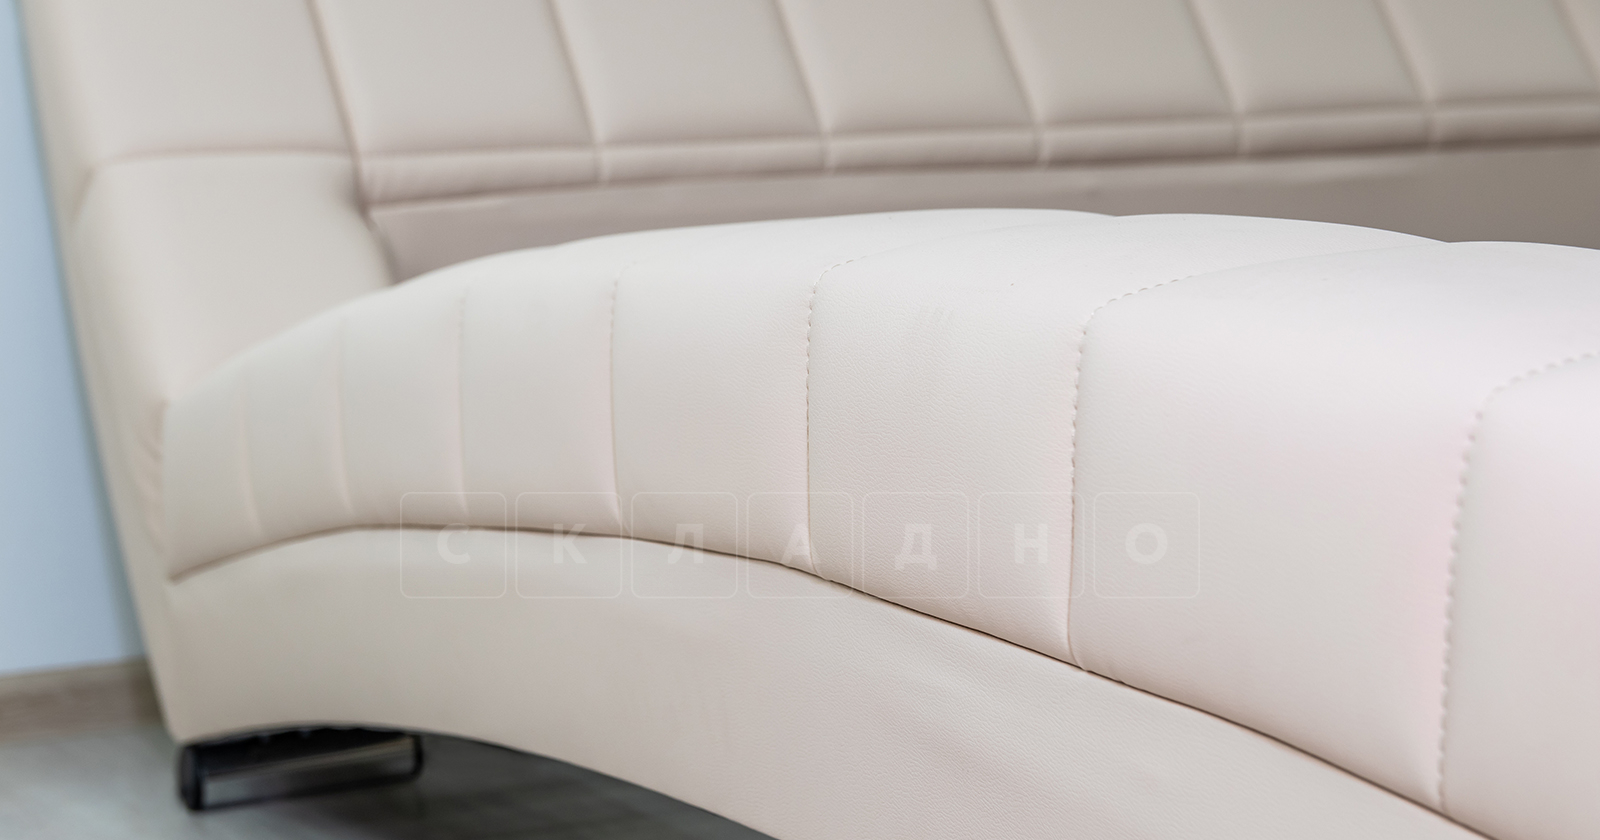 Мягкая кровать Оливия 160 см экокожа бежевый фото 7 | интернет-магазин Складно